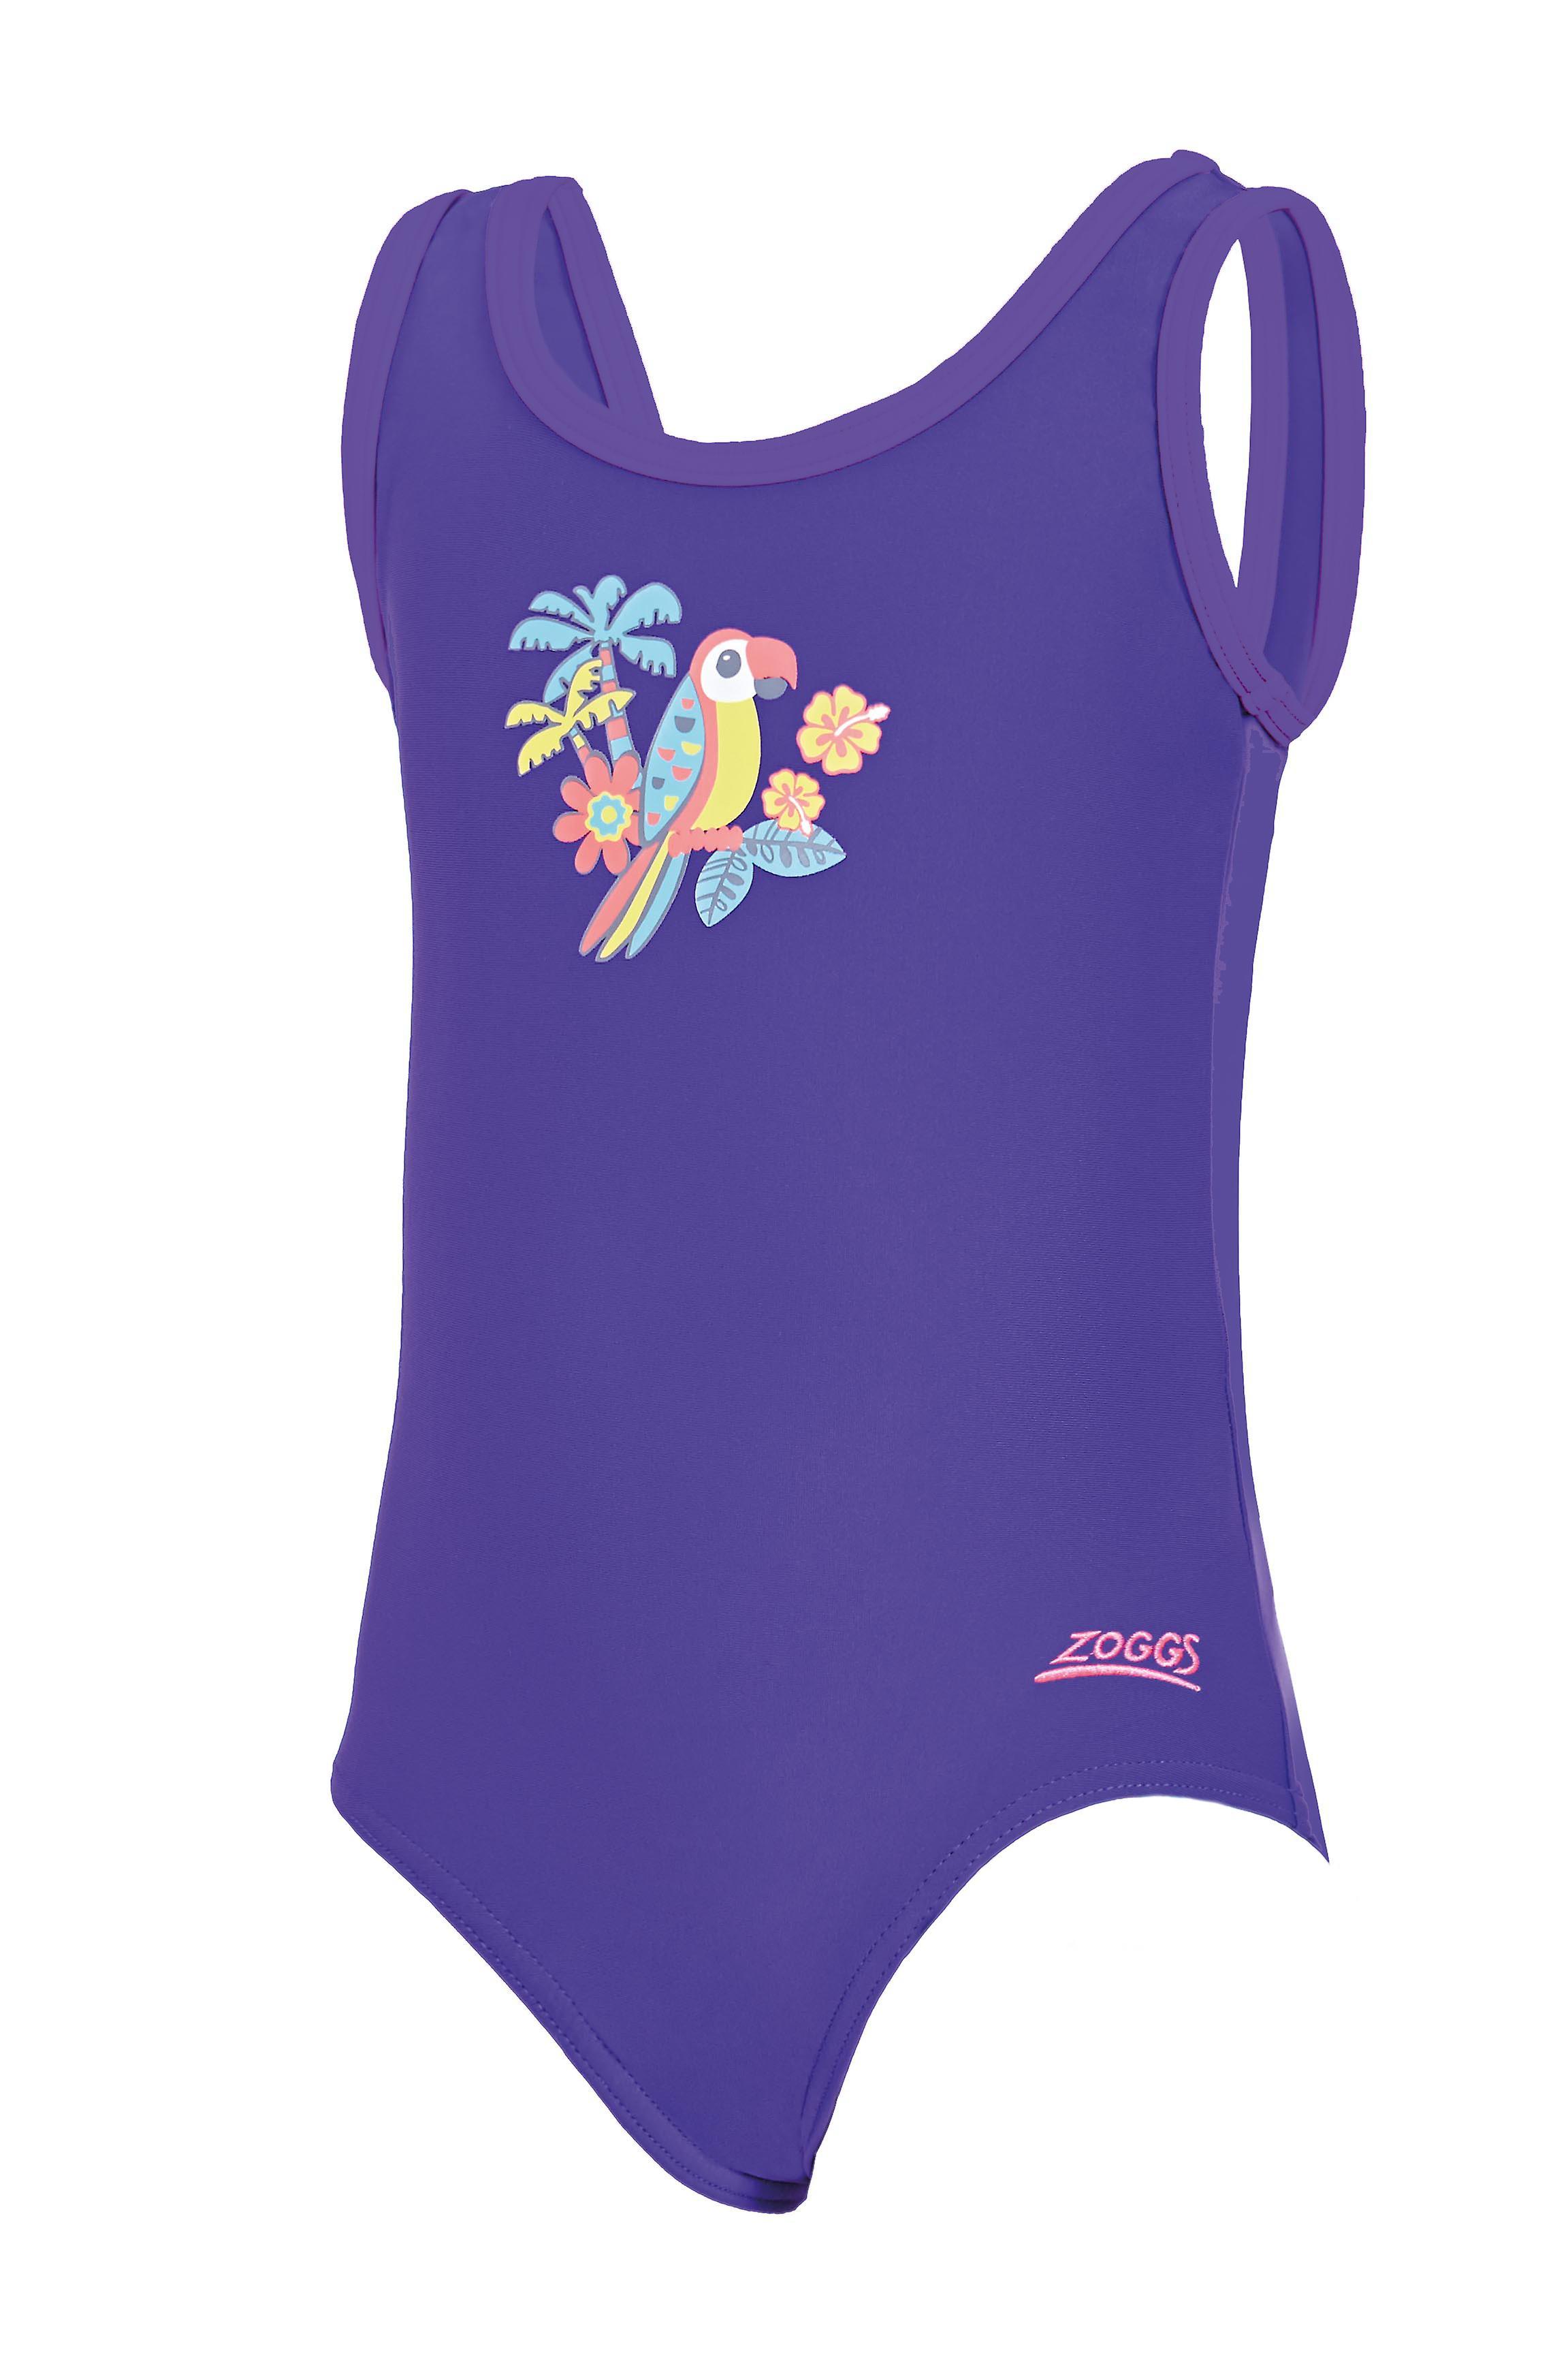 5a3c9133abd940 Zoggs meisjes Jungle leuk Scoopback badpak Purple voor 6 tot 16 jaar oud